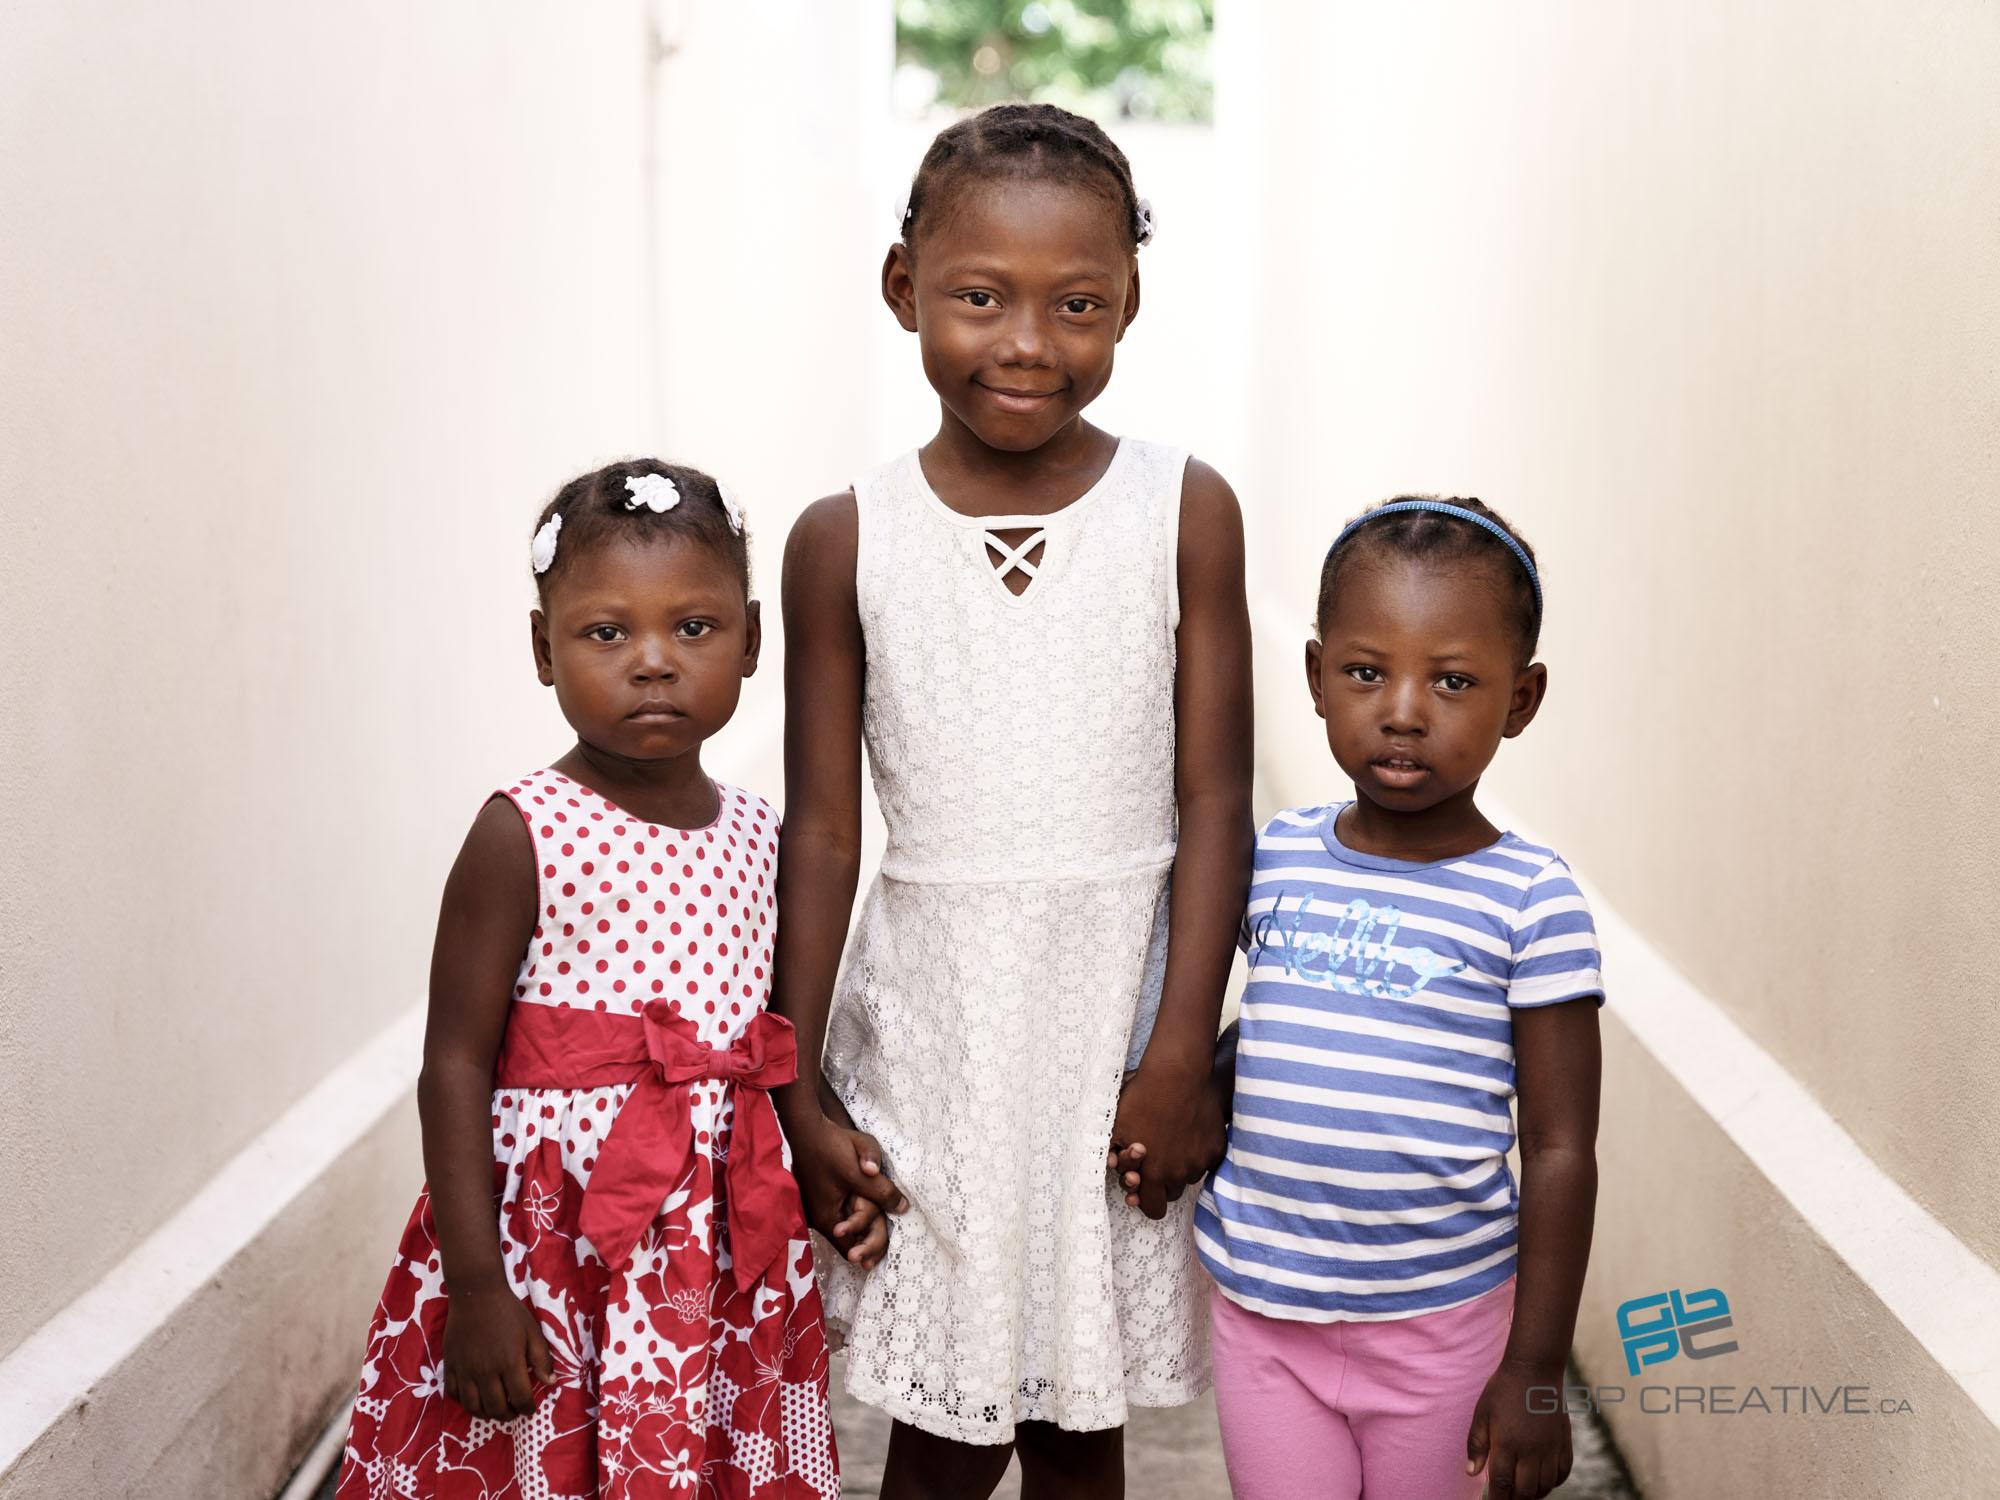 20190107_LFBS_Haiti_Blog_GBP_010.jpg